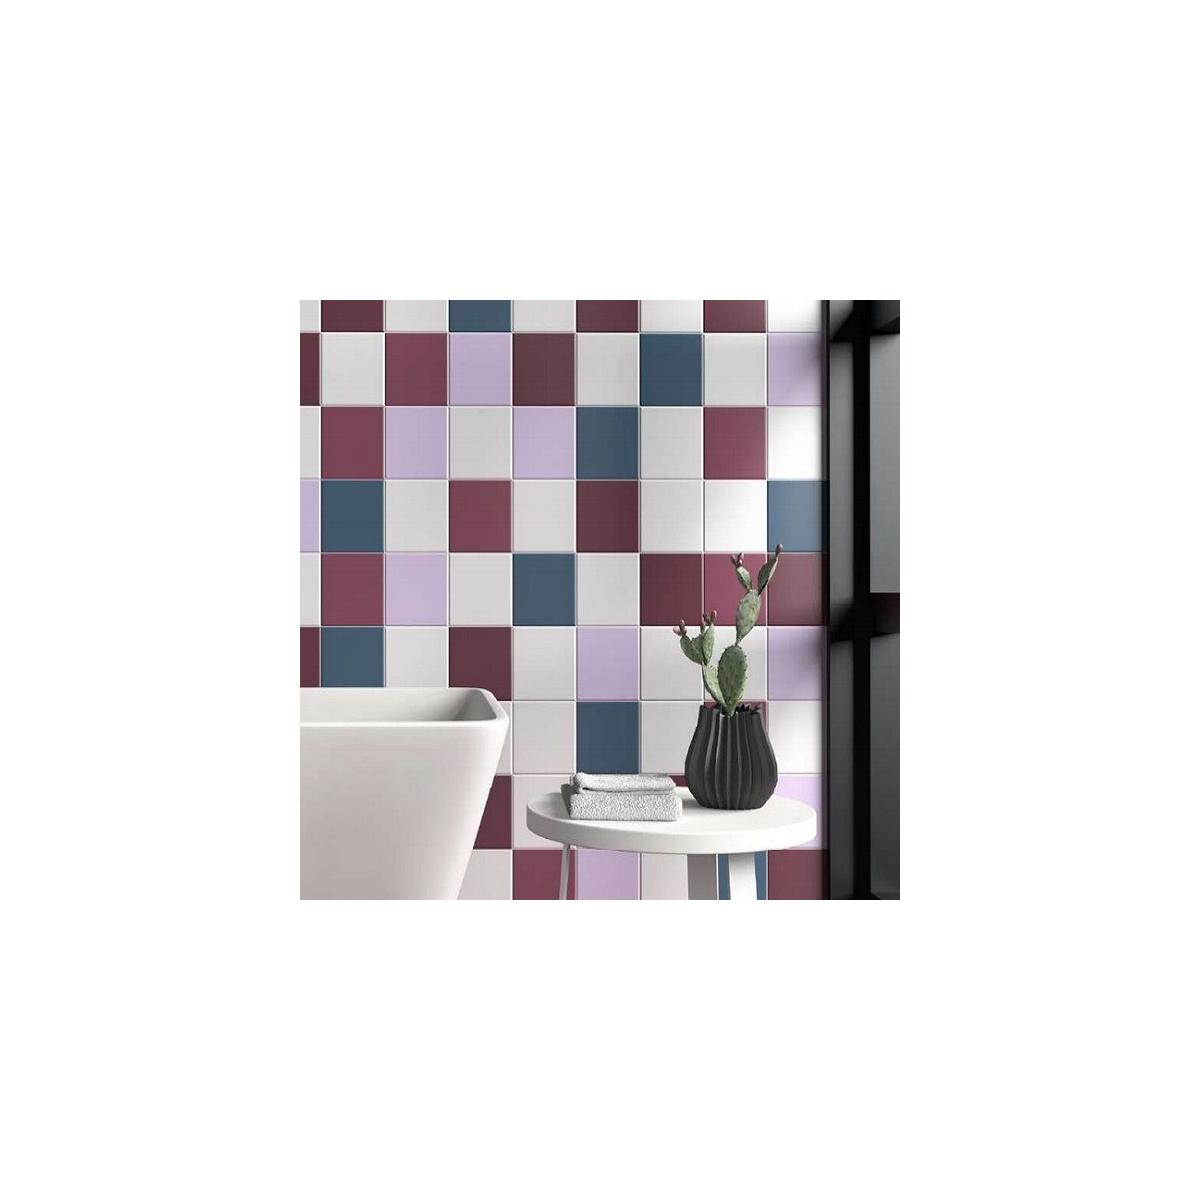 Suelo y azulejos Rainbow Egeo (m2) hidráulico al mejor precio